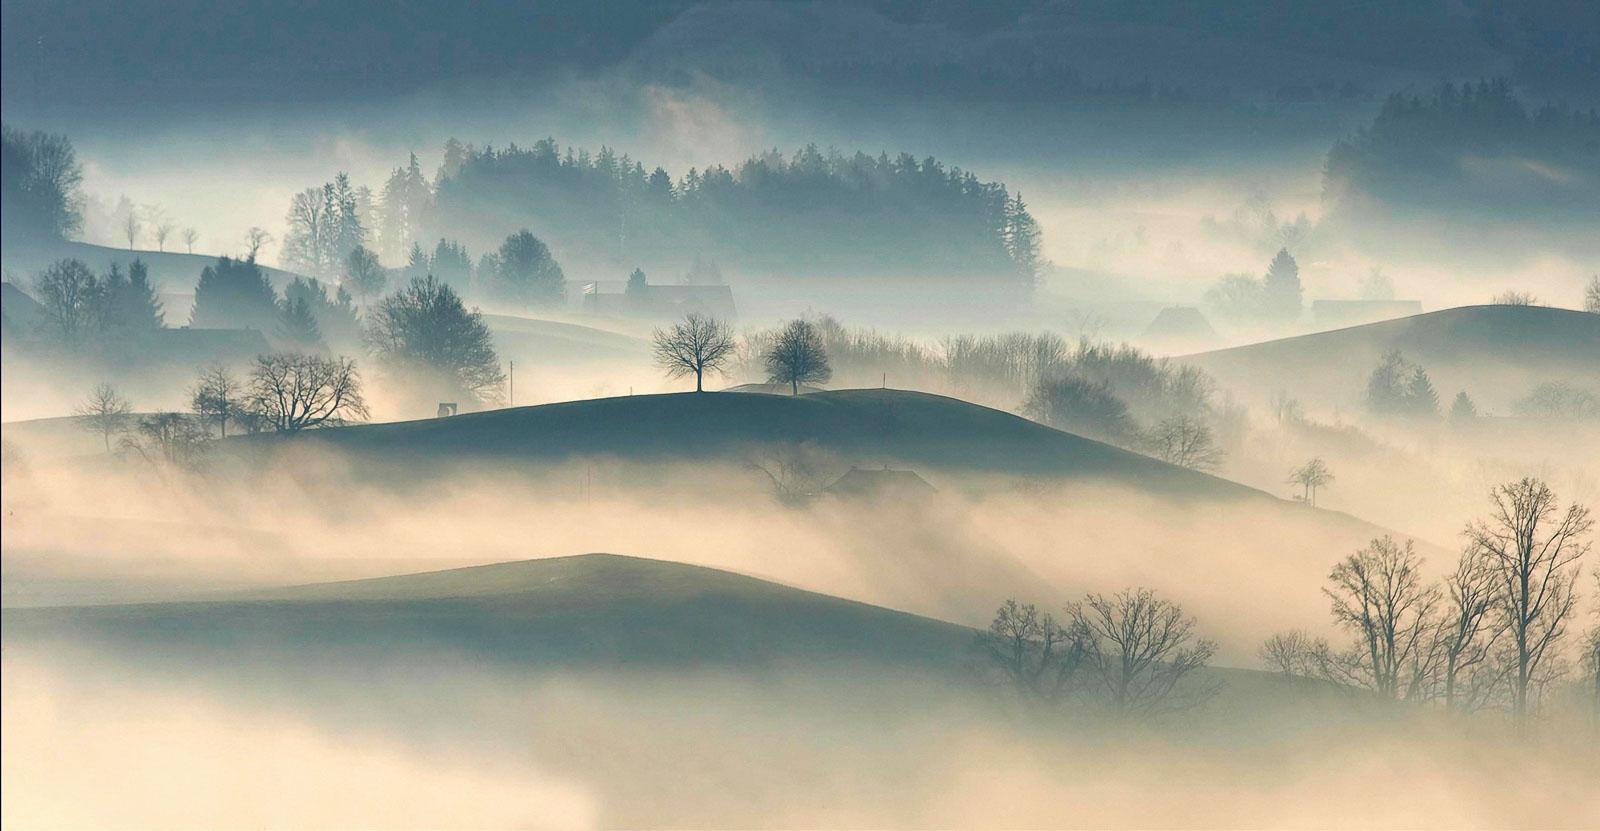 default background image